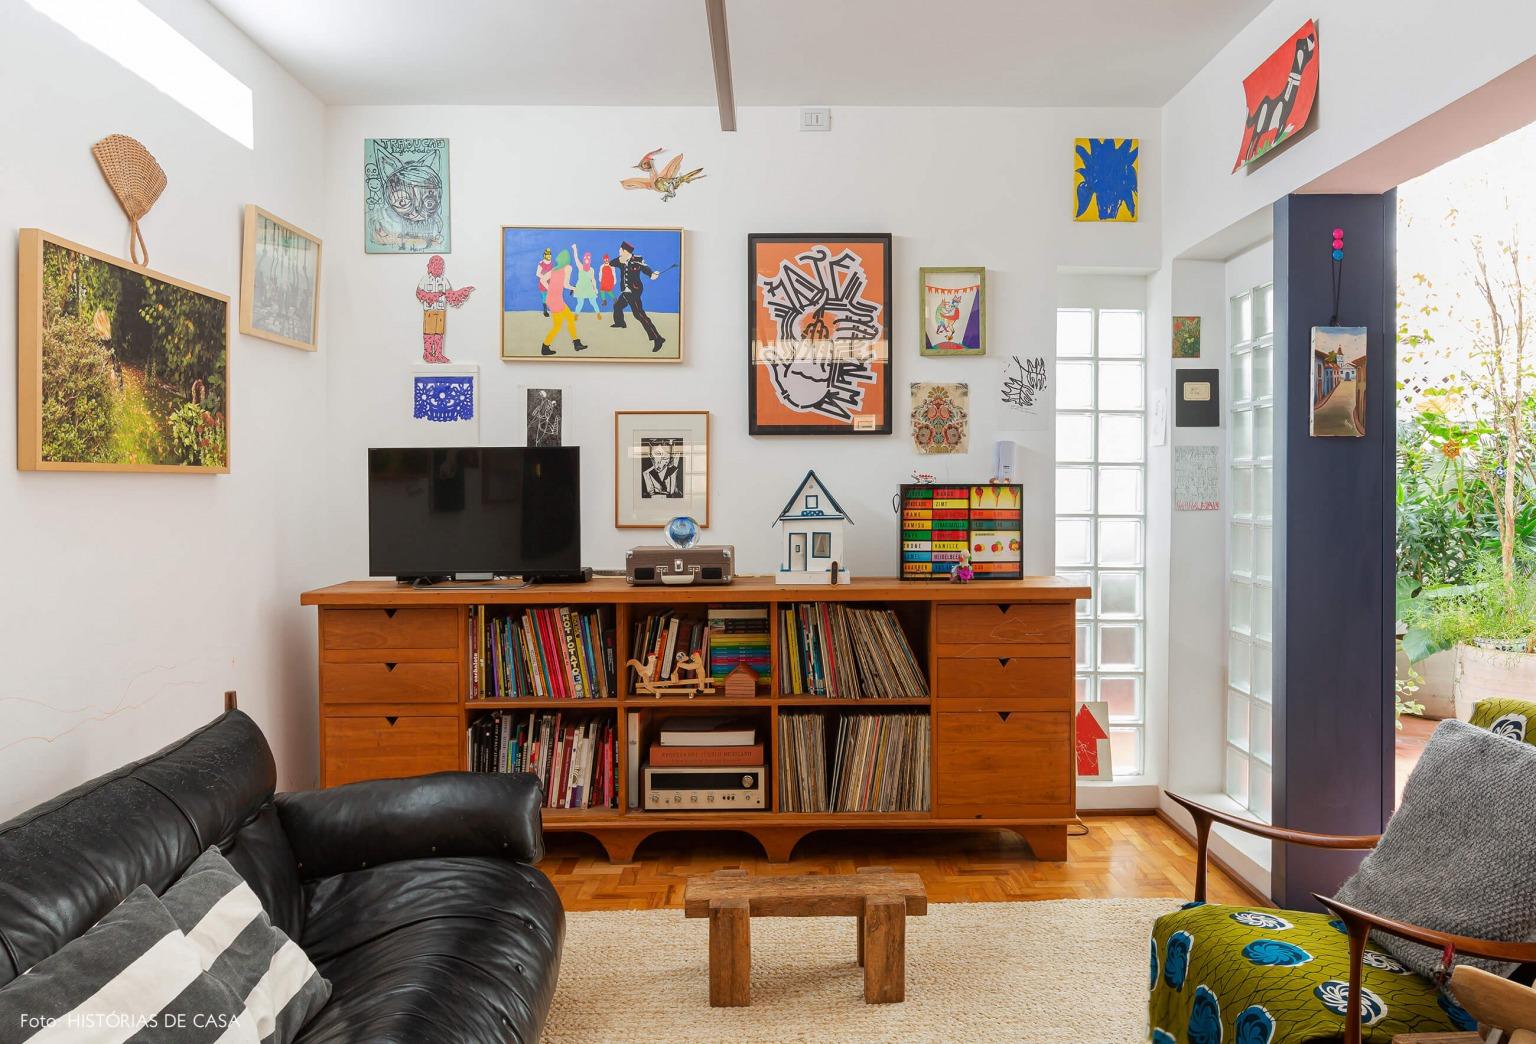 Apartamento reformado, sala com parede de quadros e detalhes coloridos